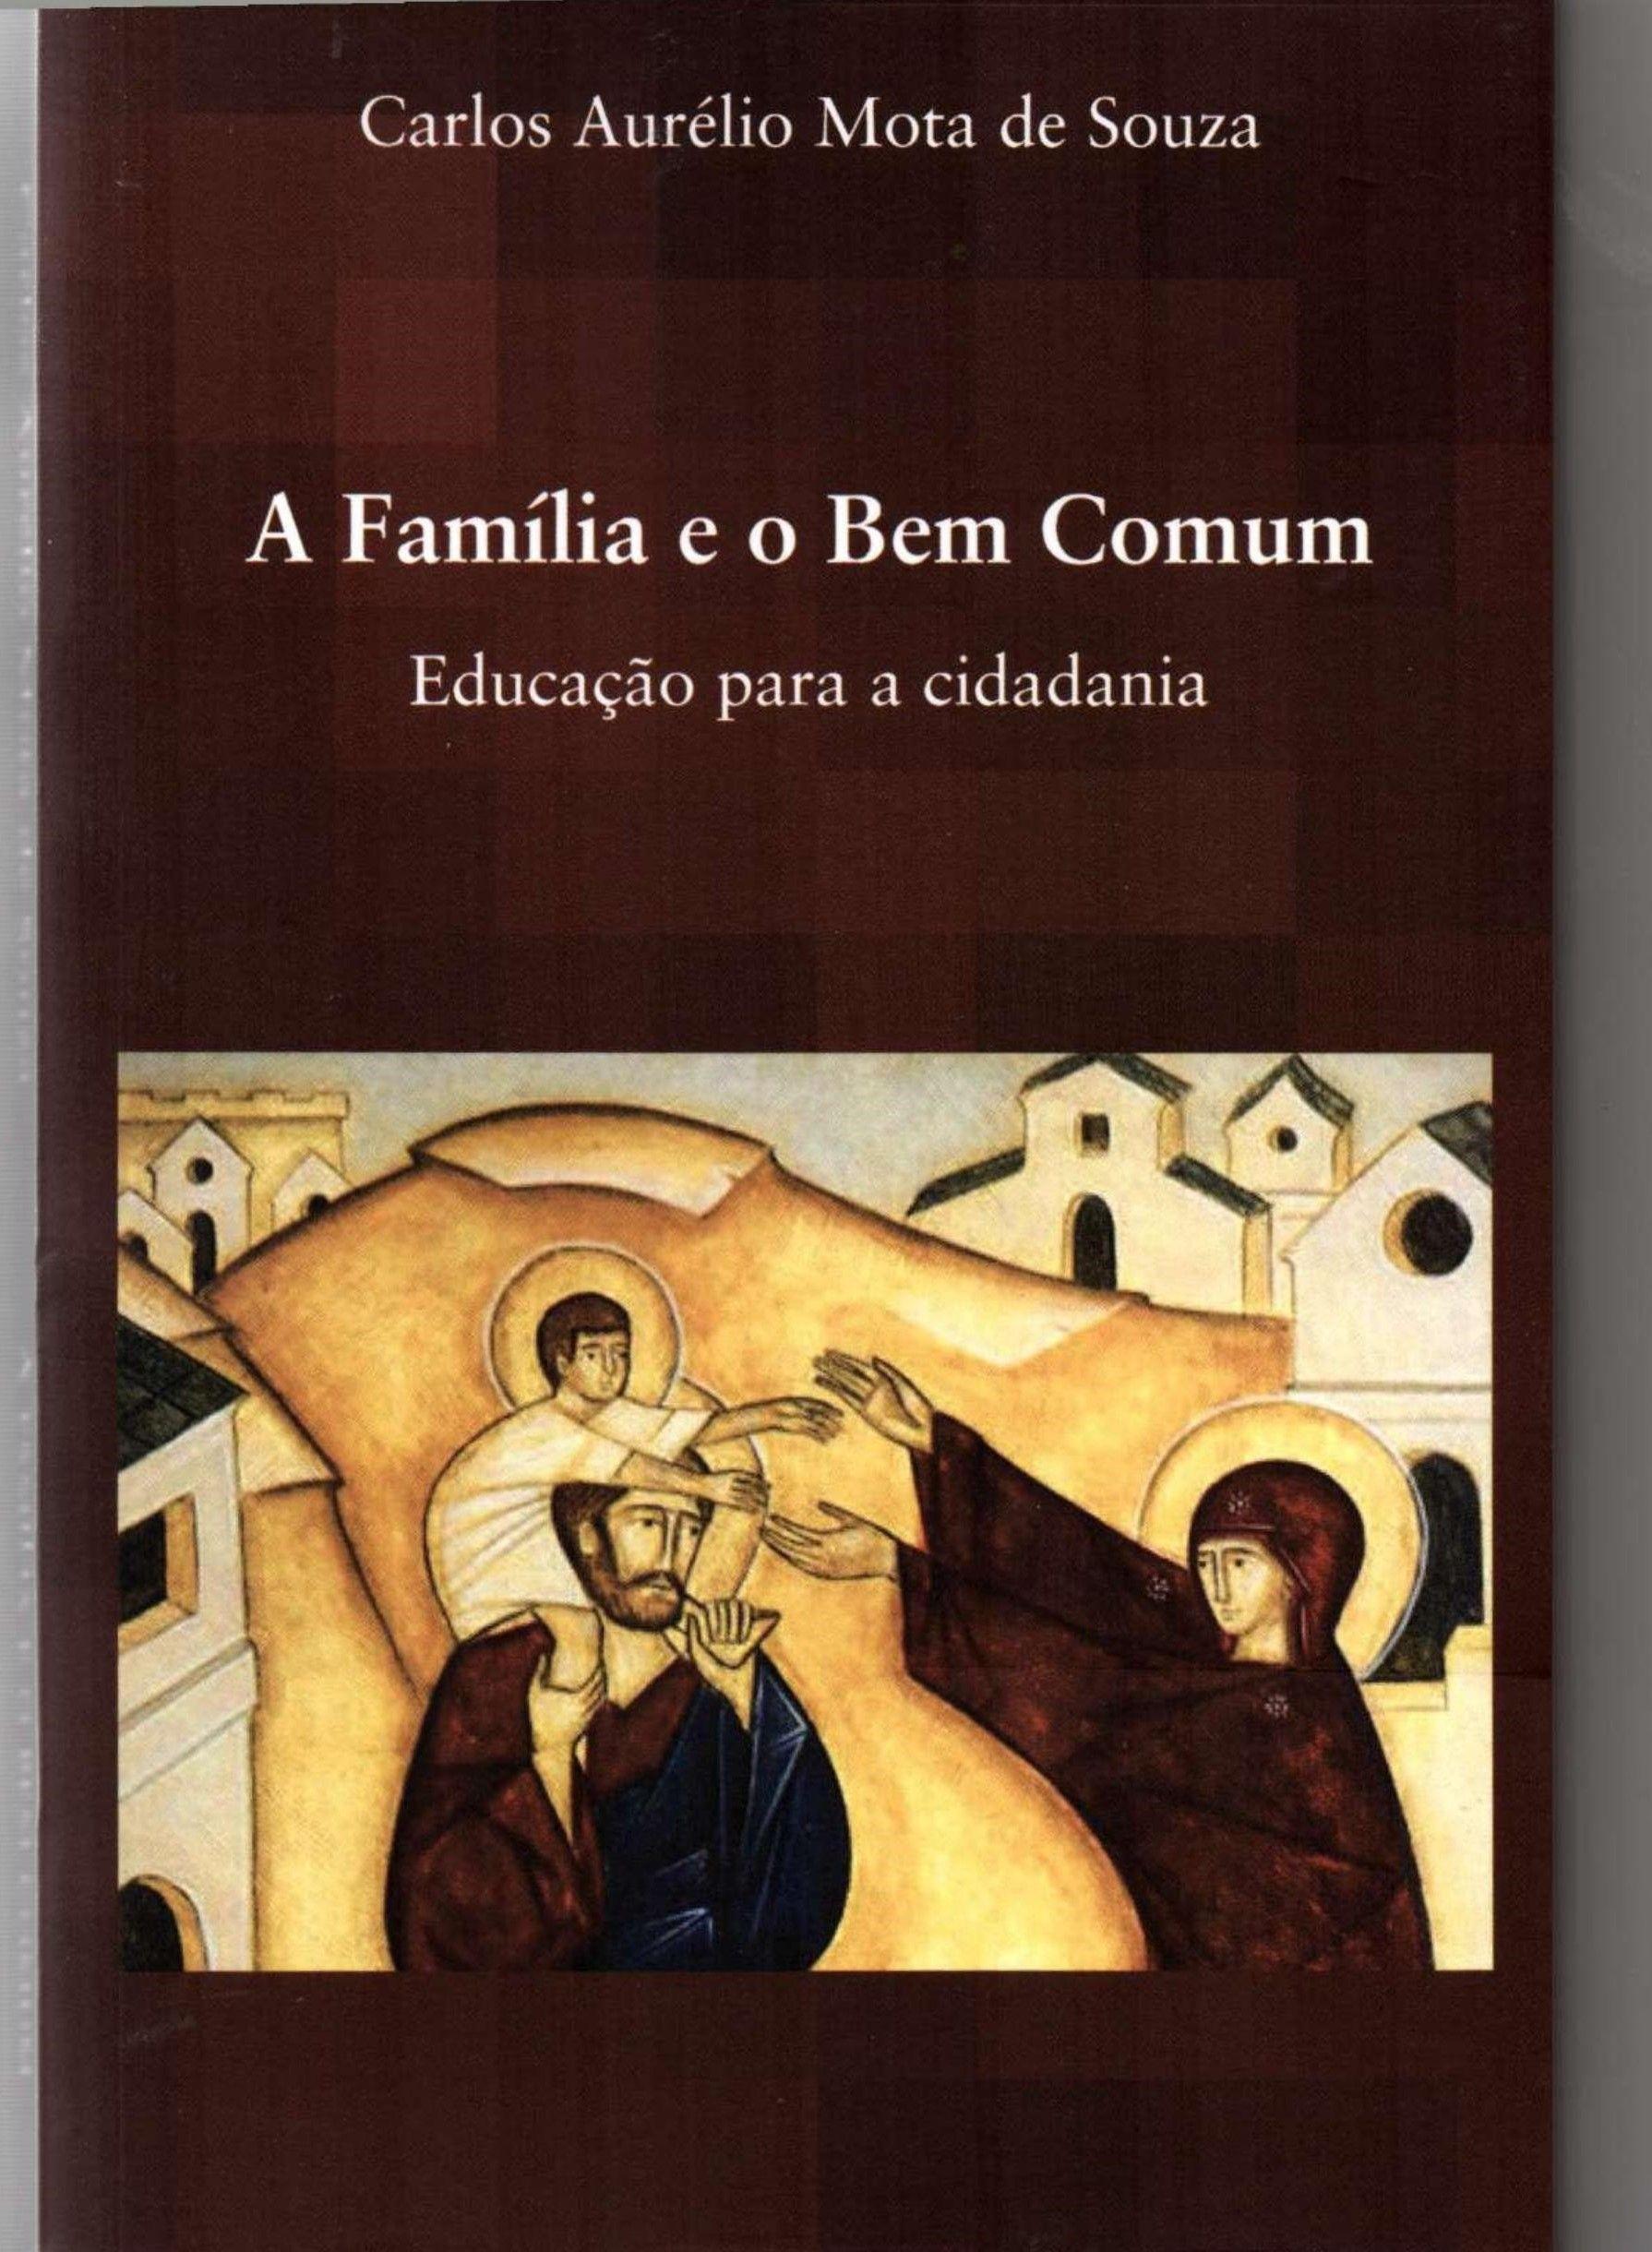 A Família e o Bem Comum - Educação para a cidadania